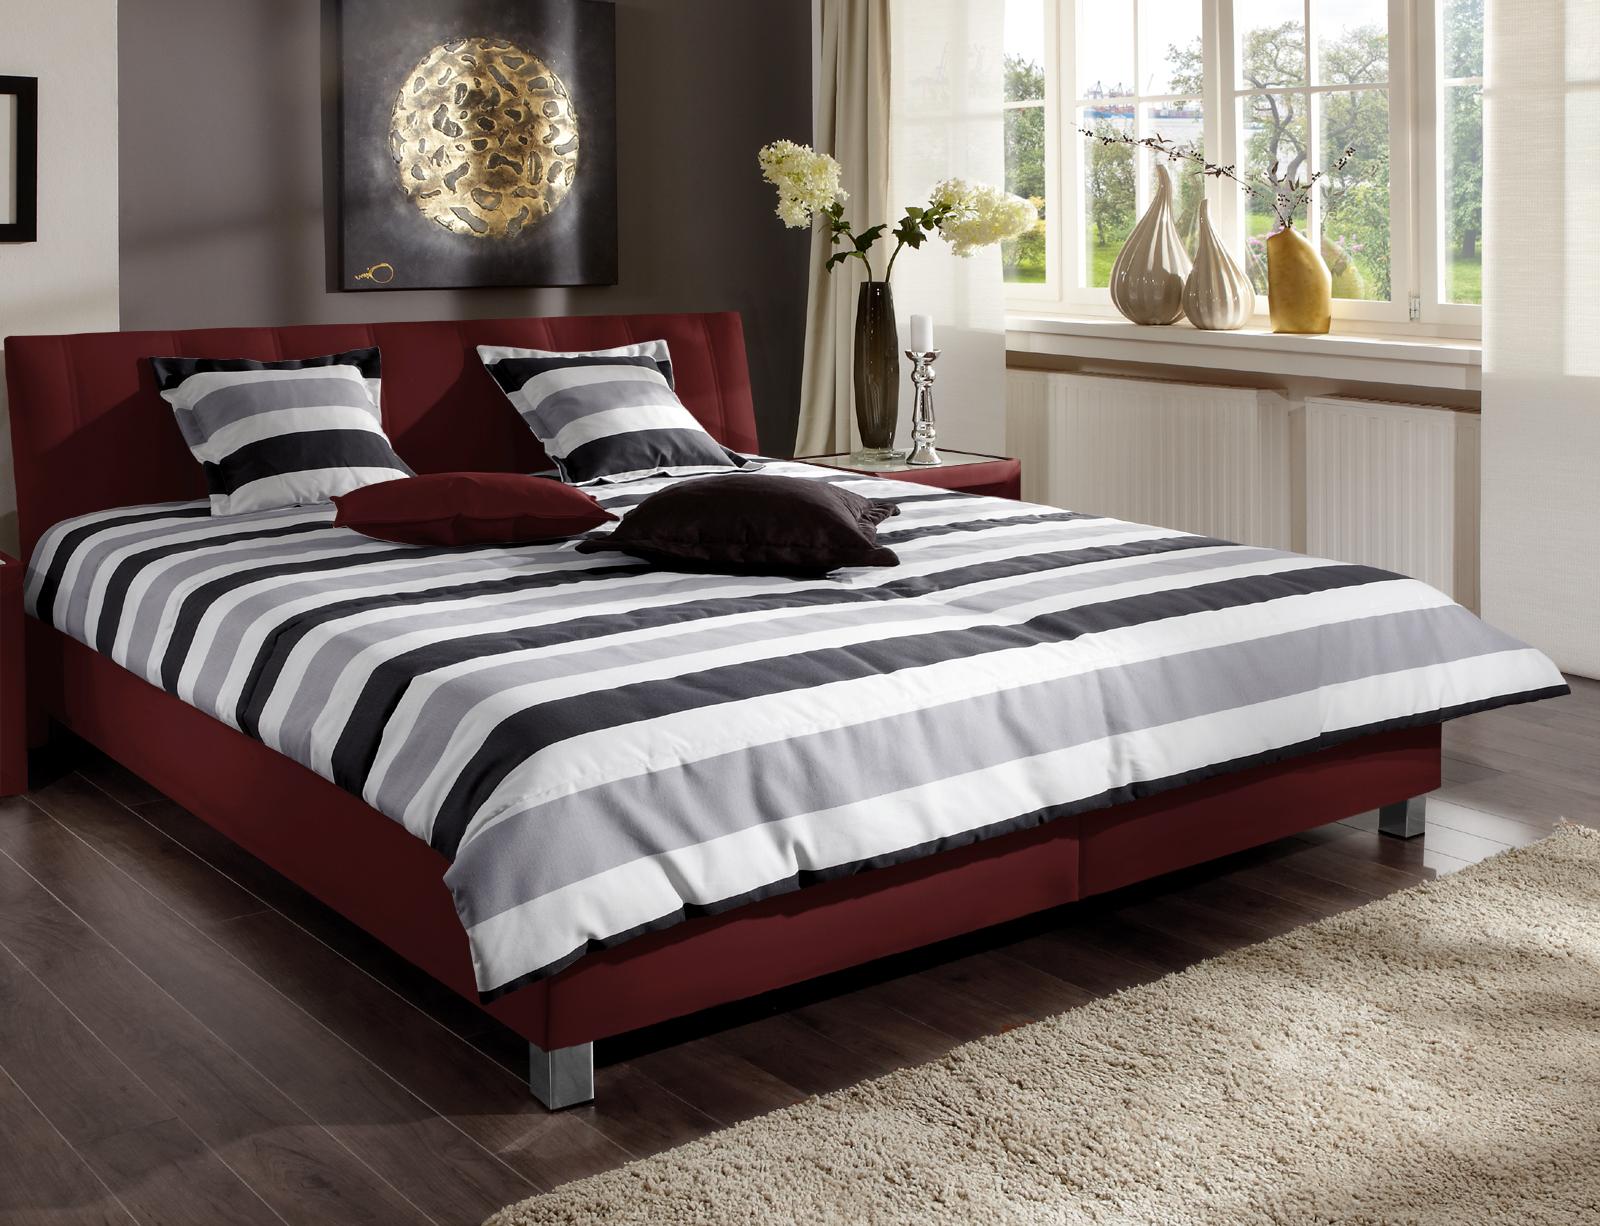 tolle tagesdecke f r ihr polsterbett in wei grau remigio. Black Bedroom Furniture Sets. Home Design Ideas